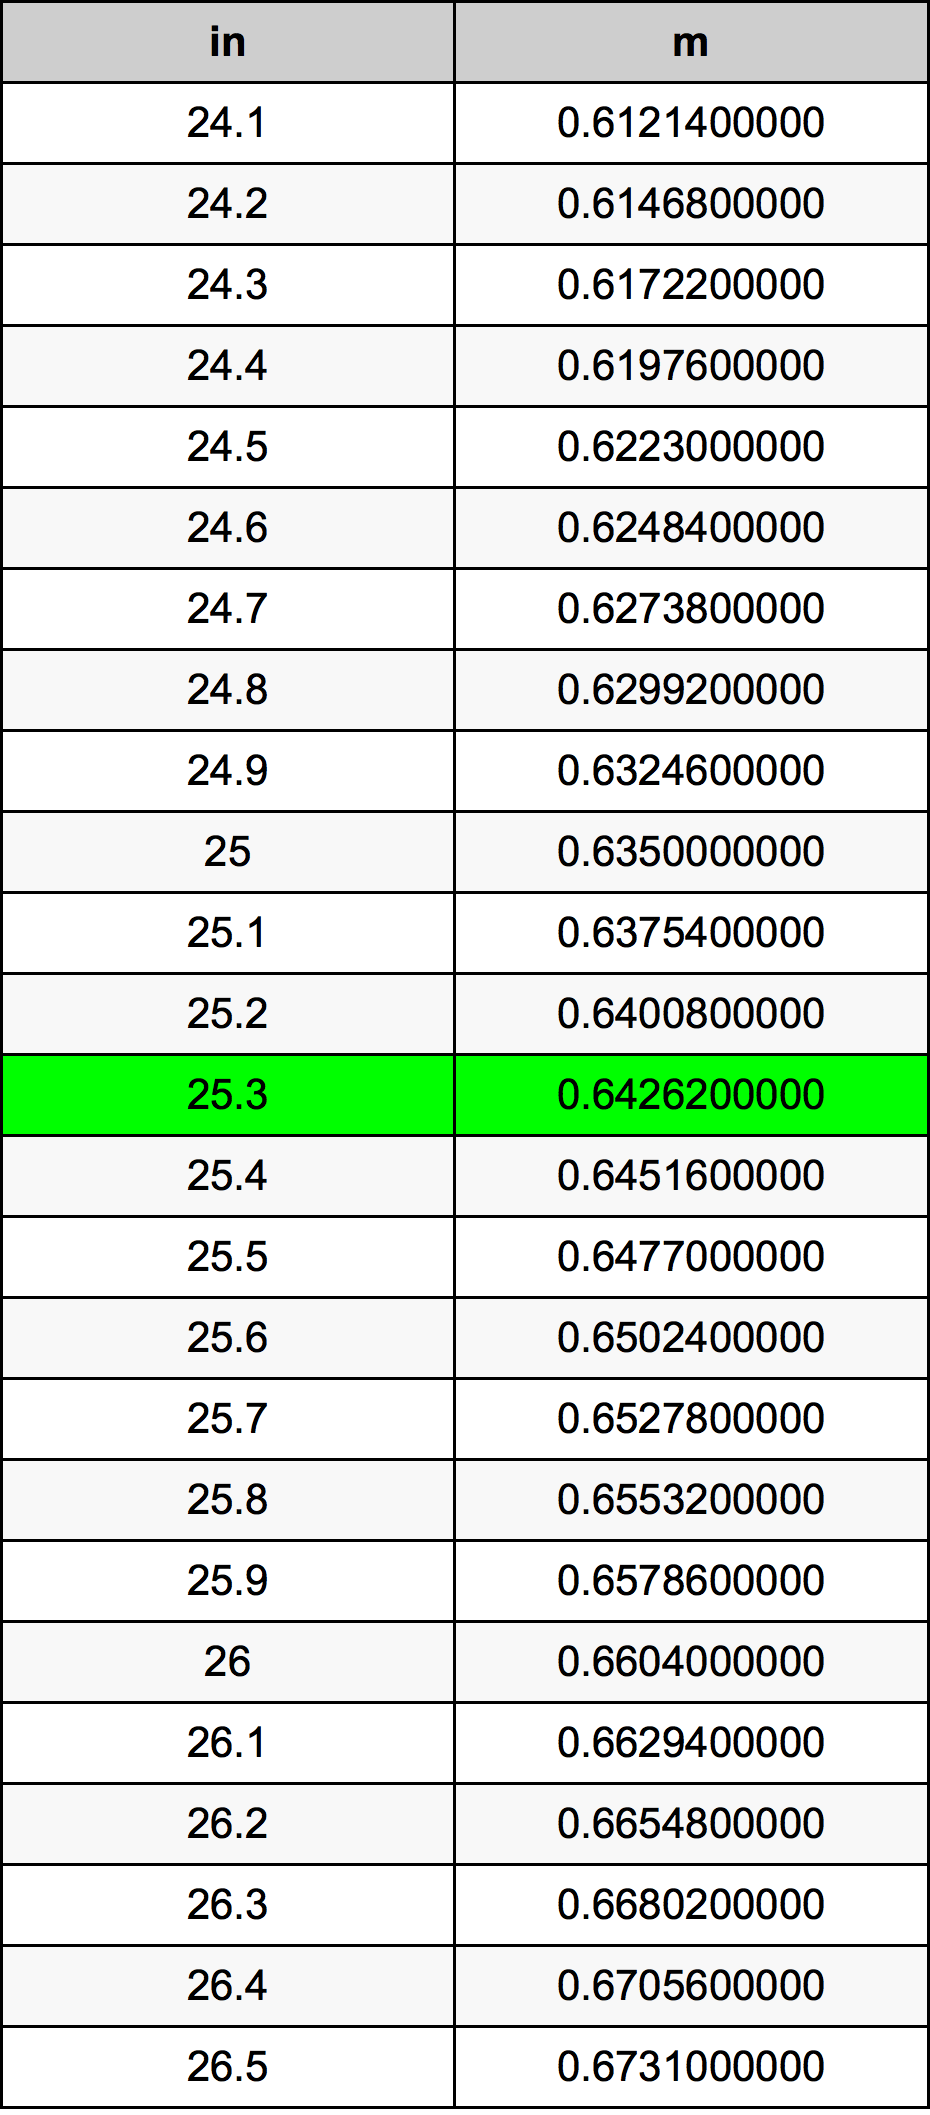 25.3 ίντσα Πίνακας Μετατροπής